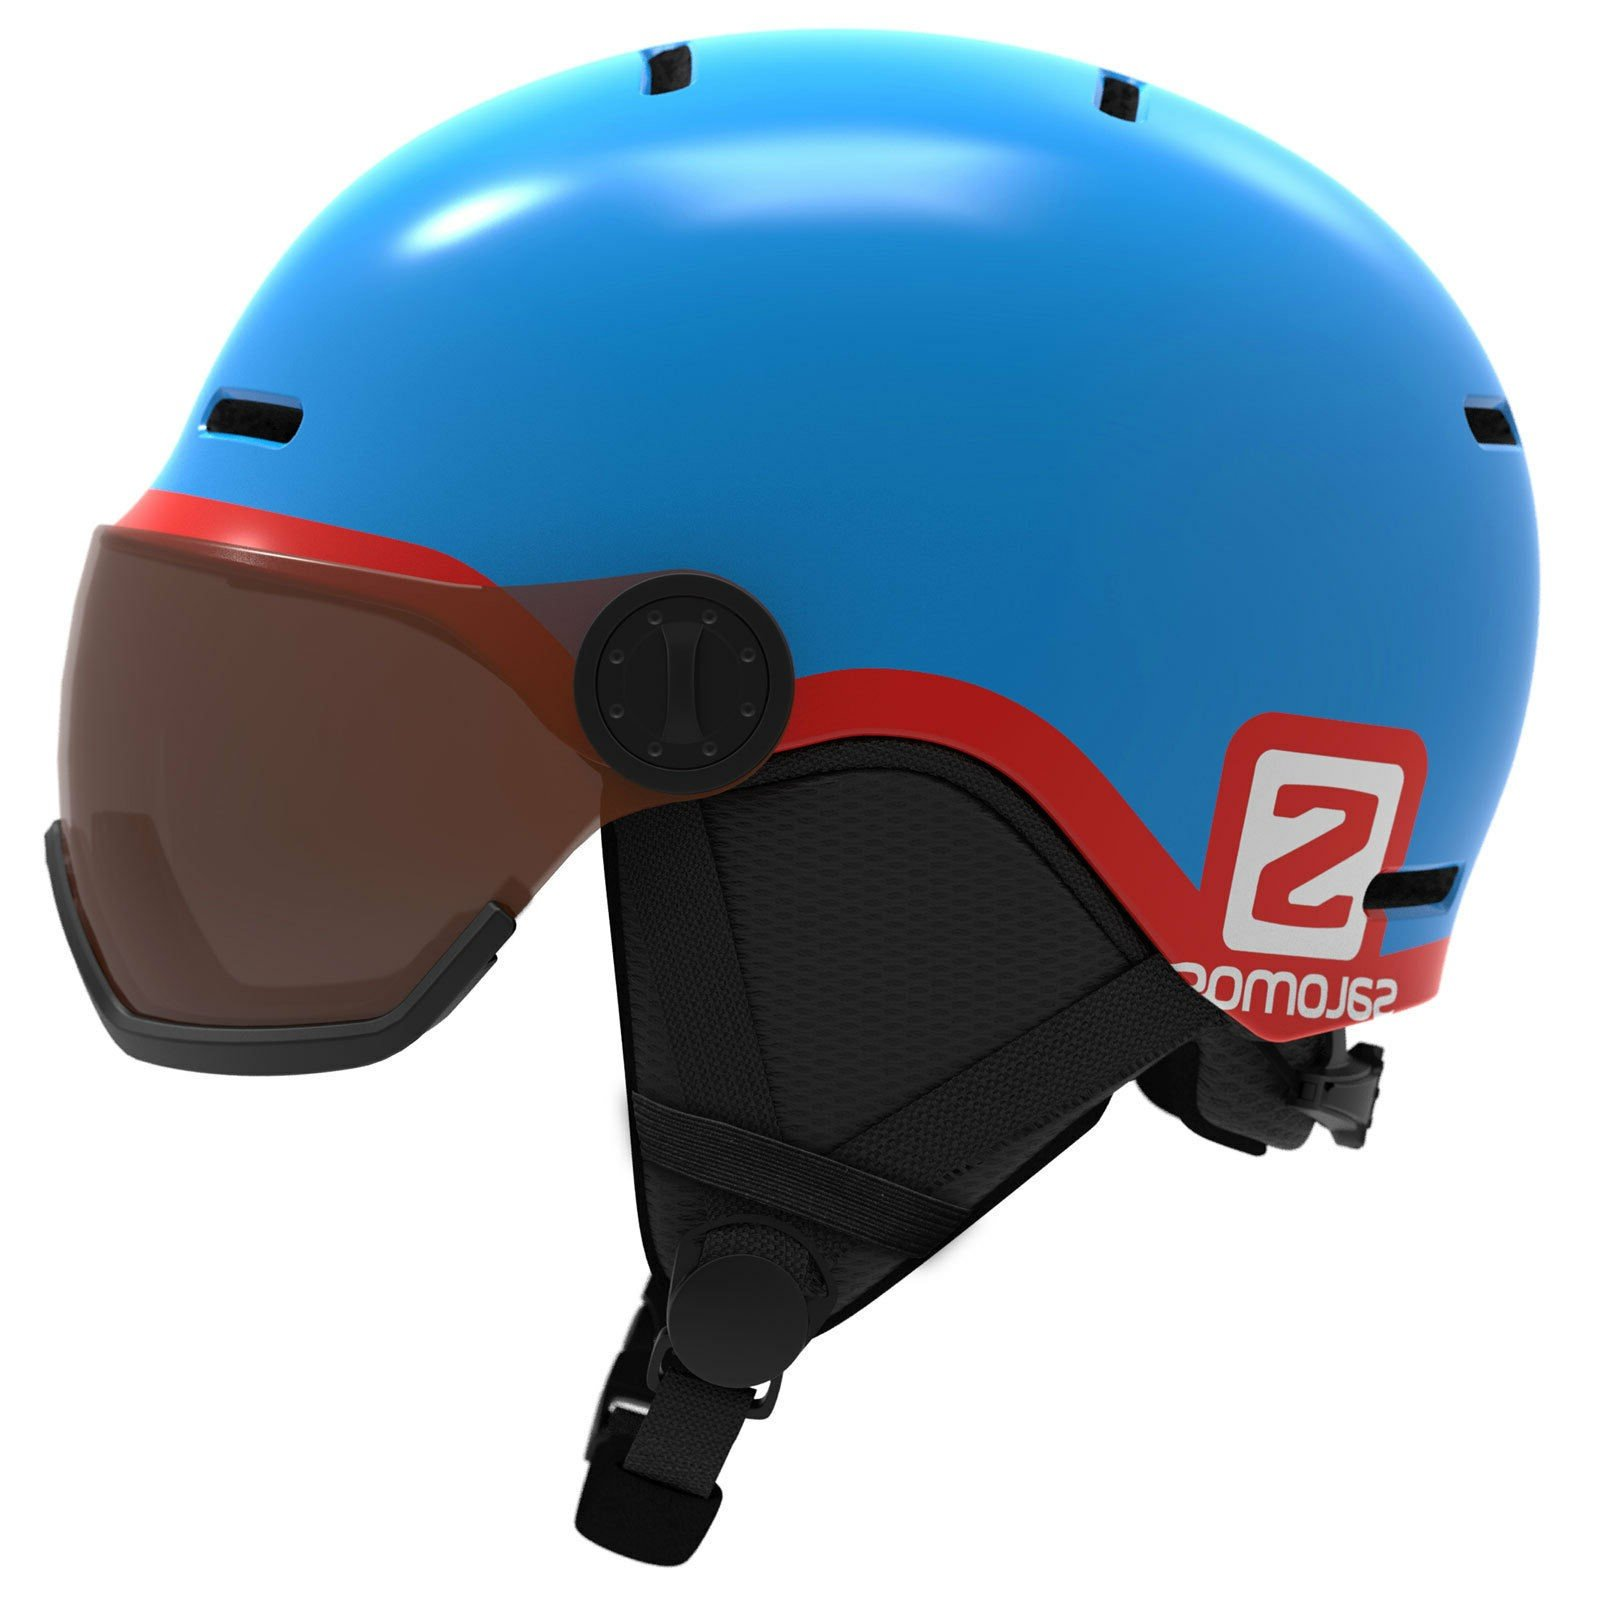 Salomon Grom Visor Helmet 2019